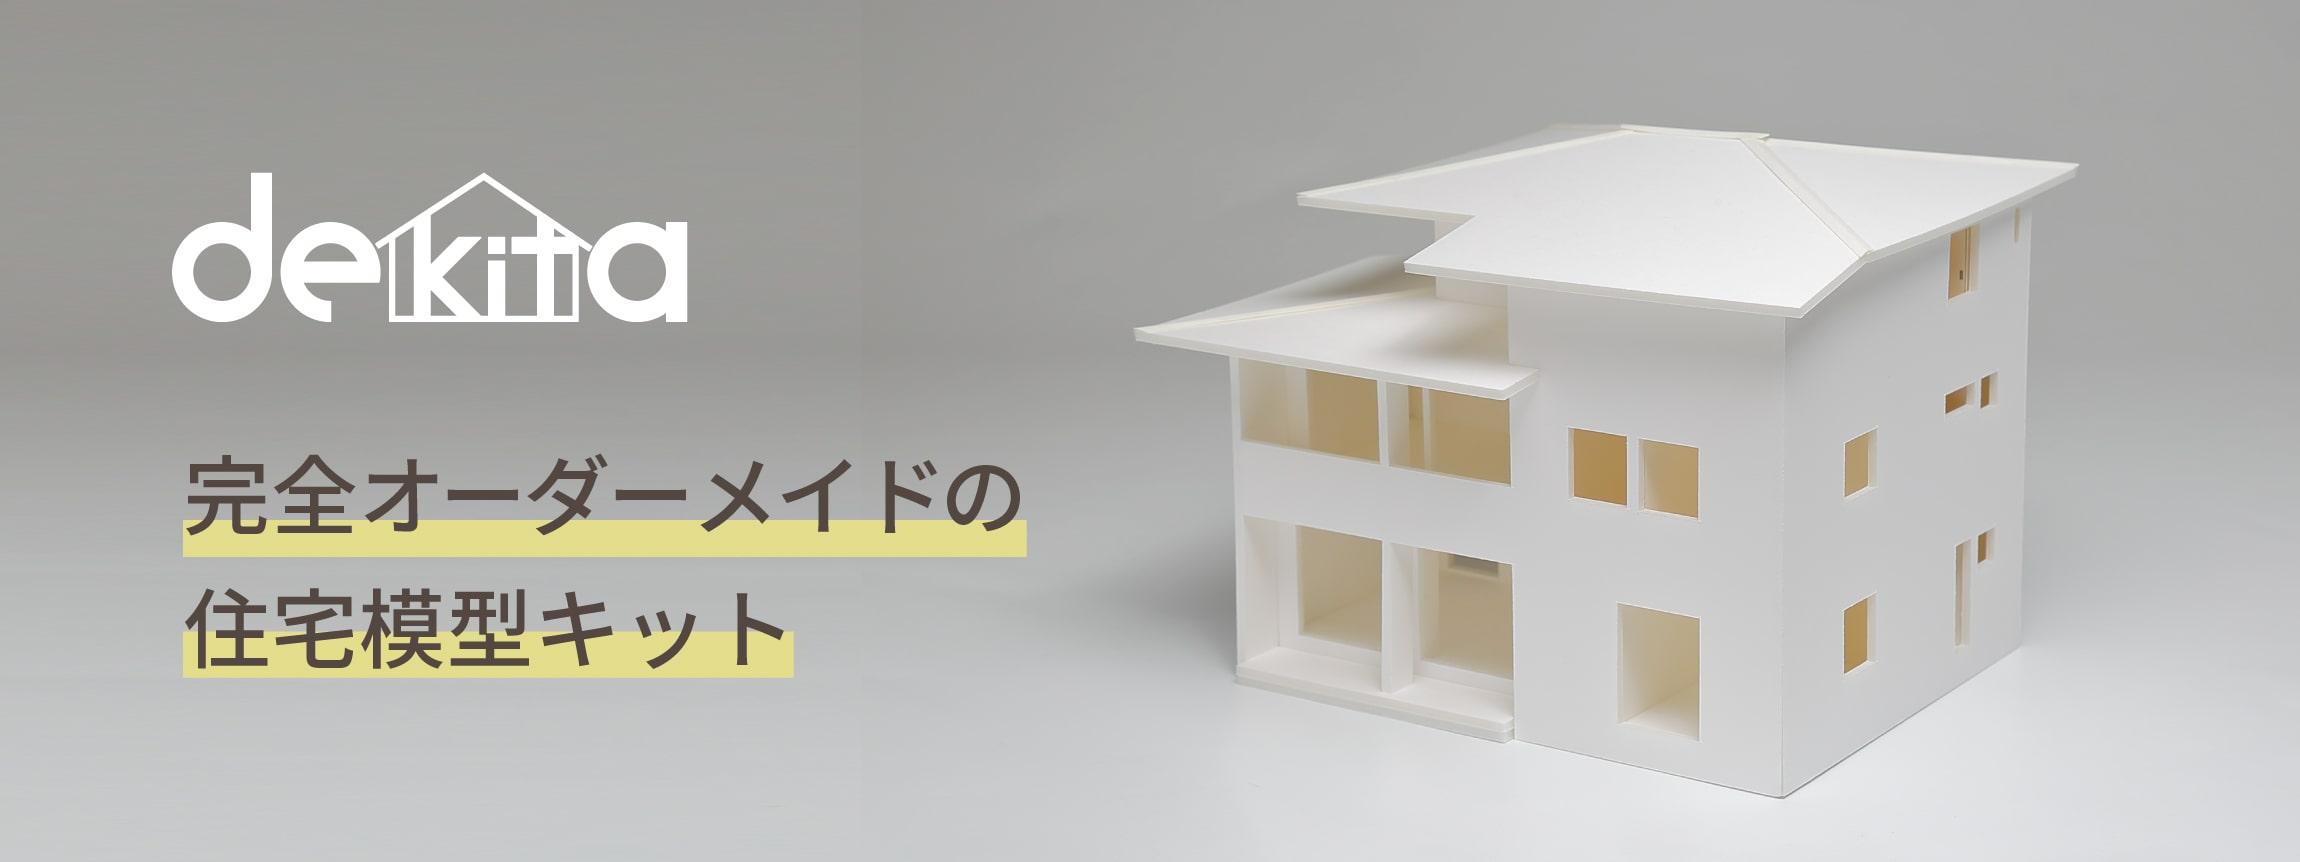 住宅模型キットdekita